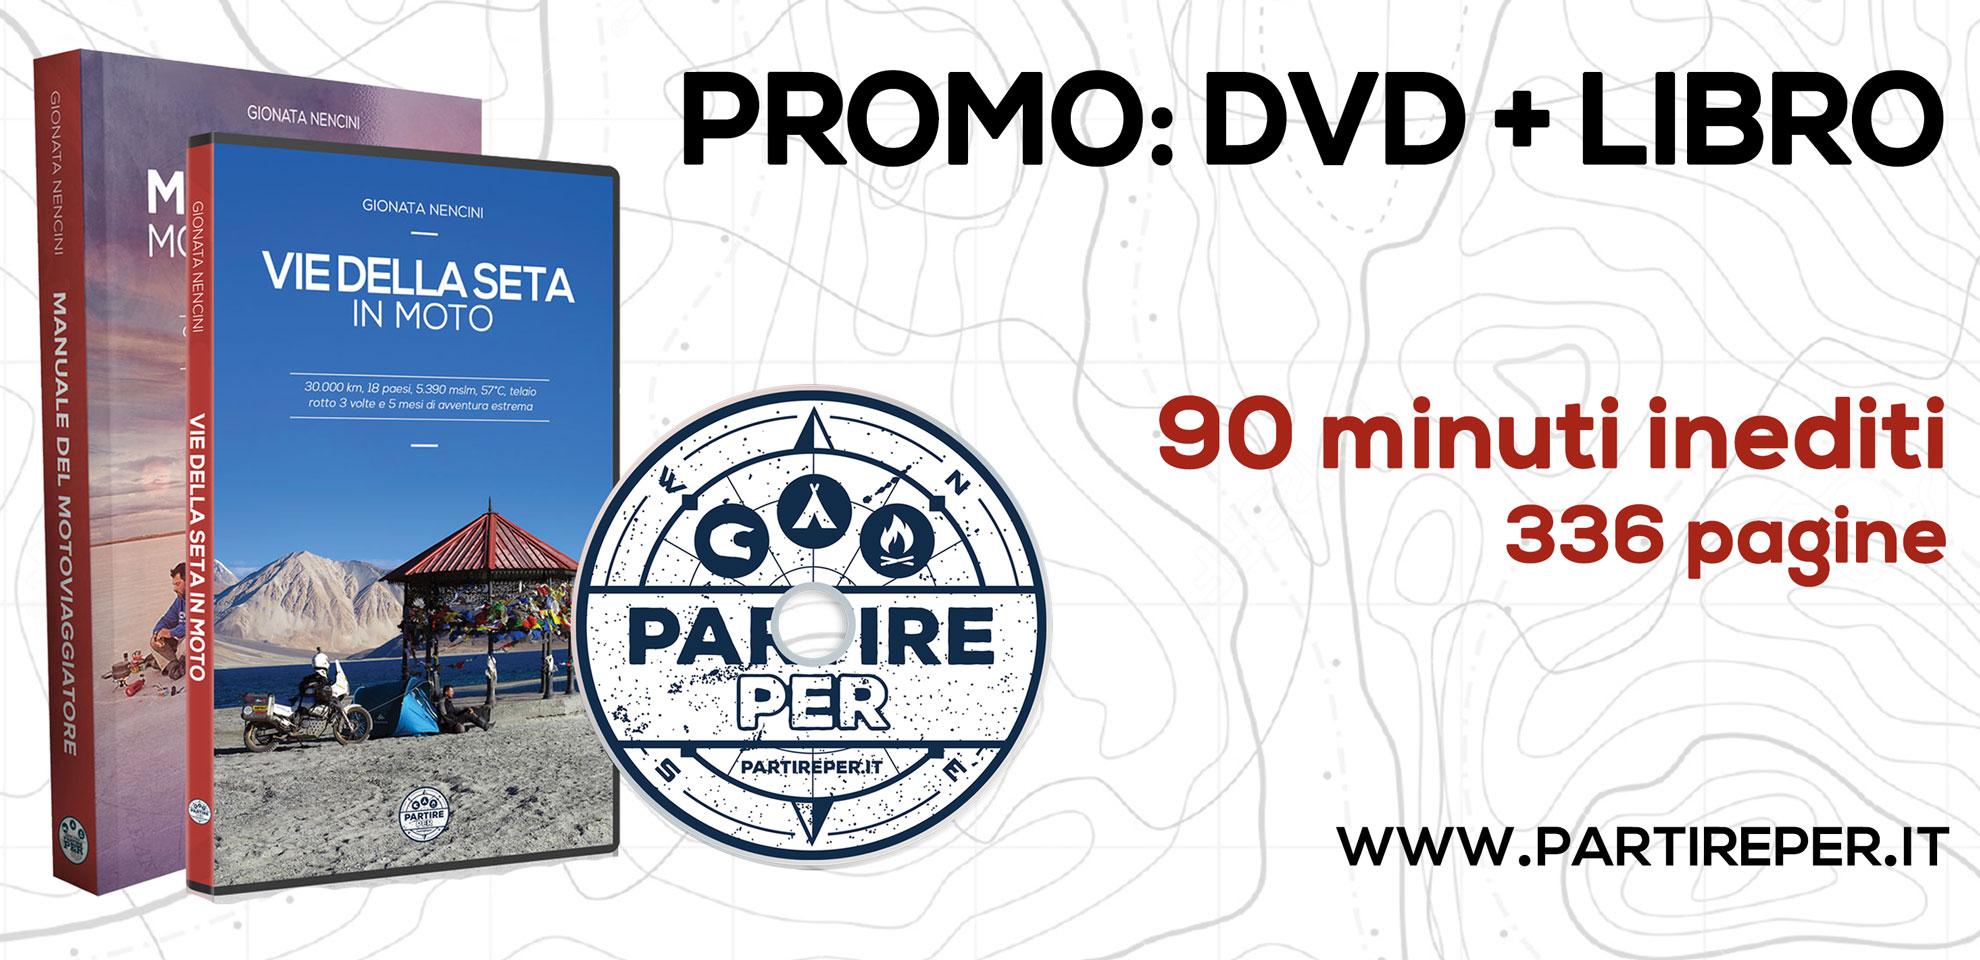 PROMO: DVD + LIBRO